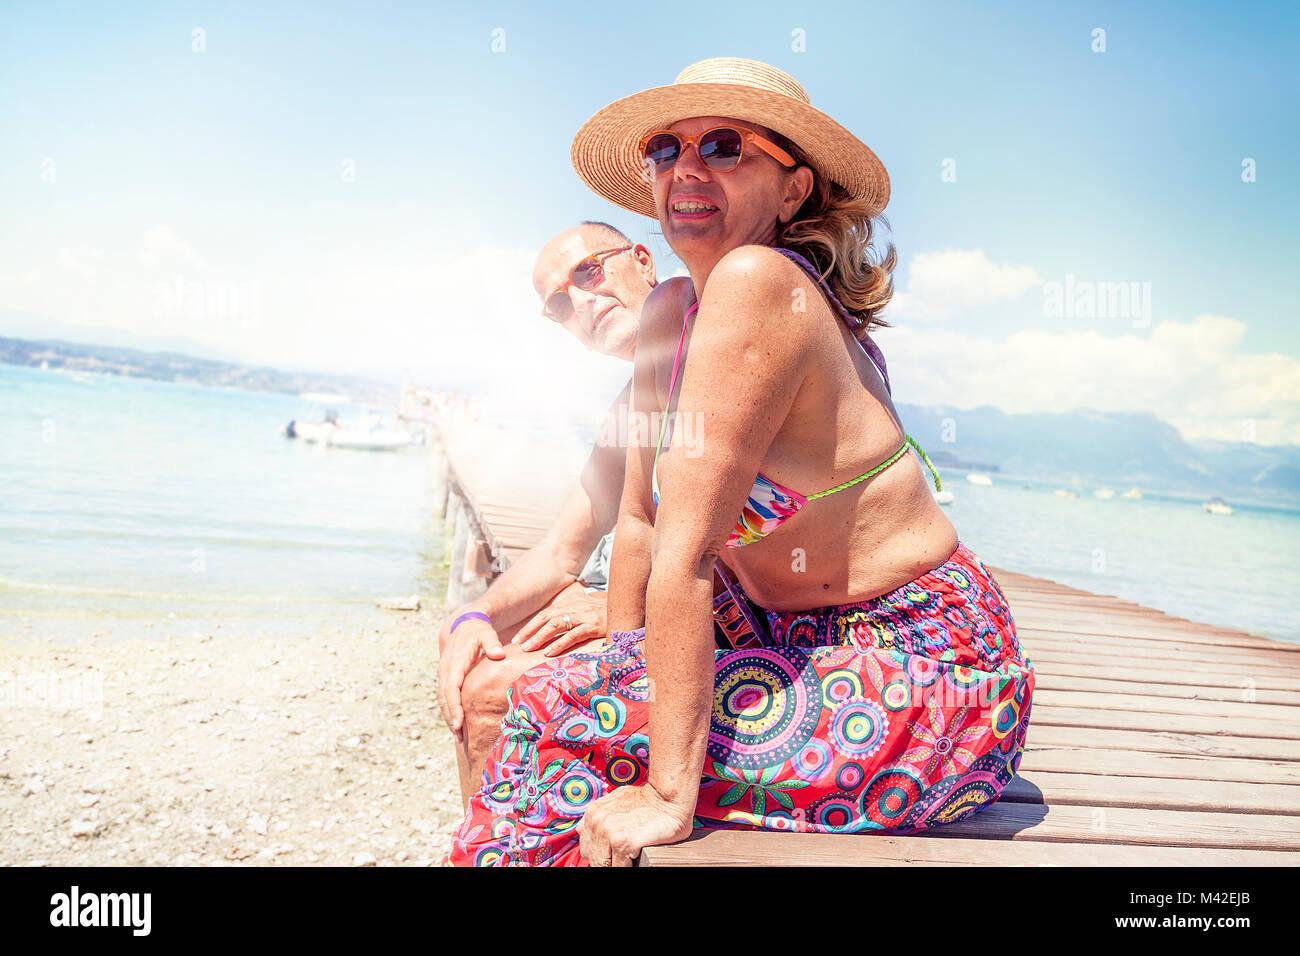 Portrait des modernen Reifes Paar entspannende in Badeanzug sitzen auf der Anklagebank eines Resorts. Konzept der Stockbild